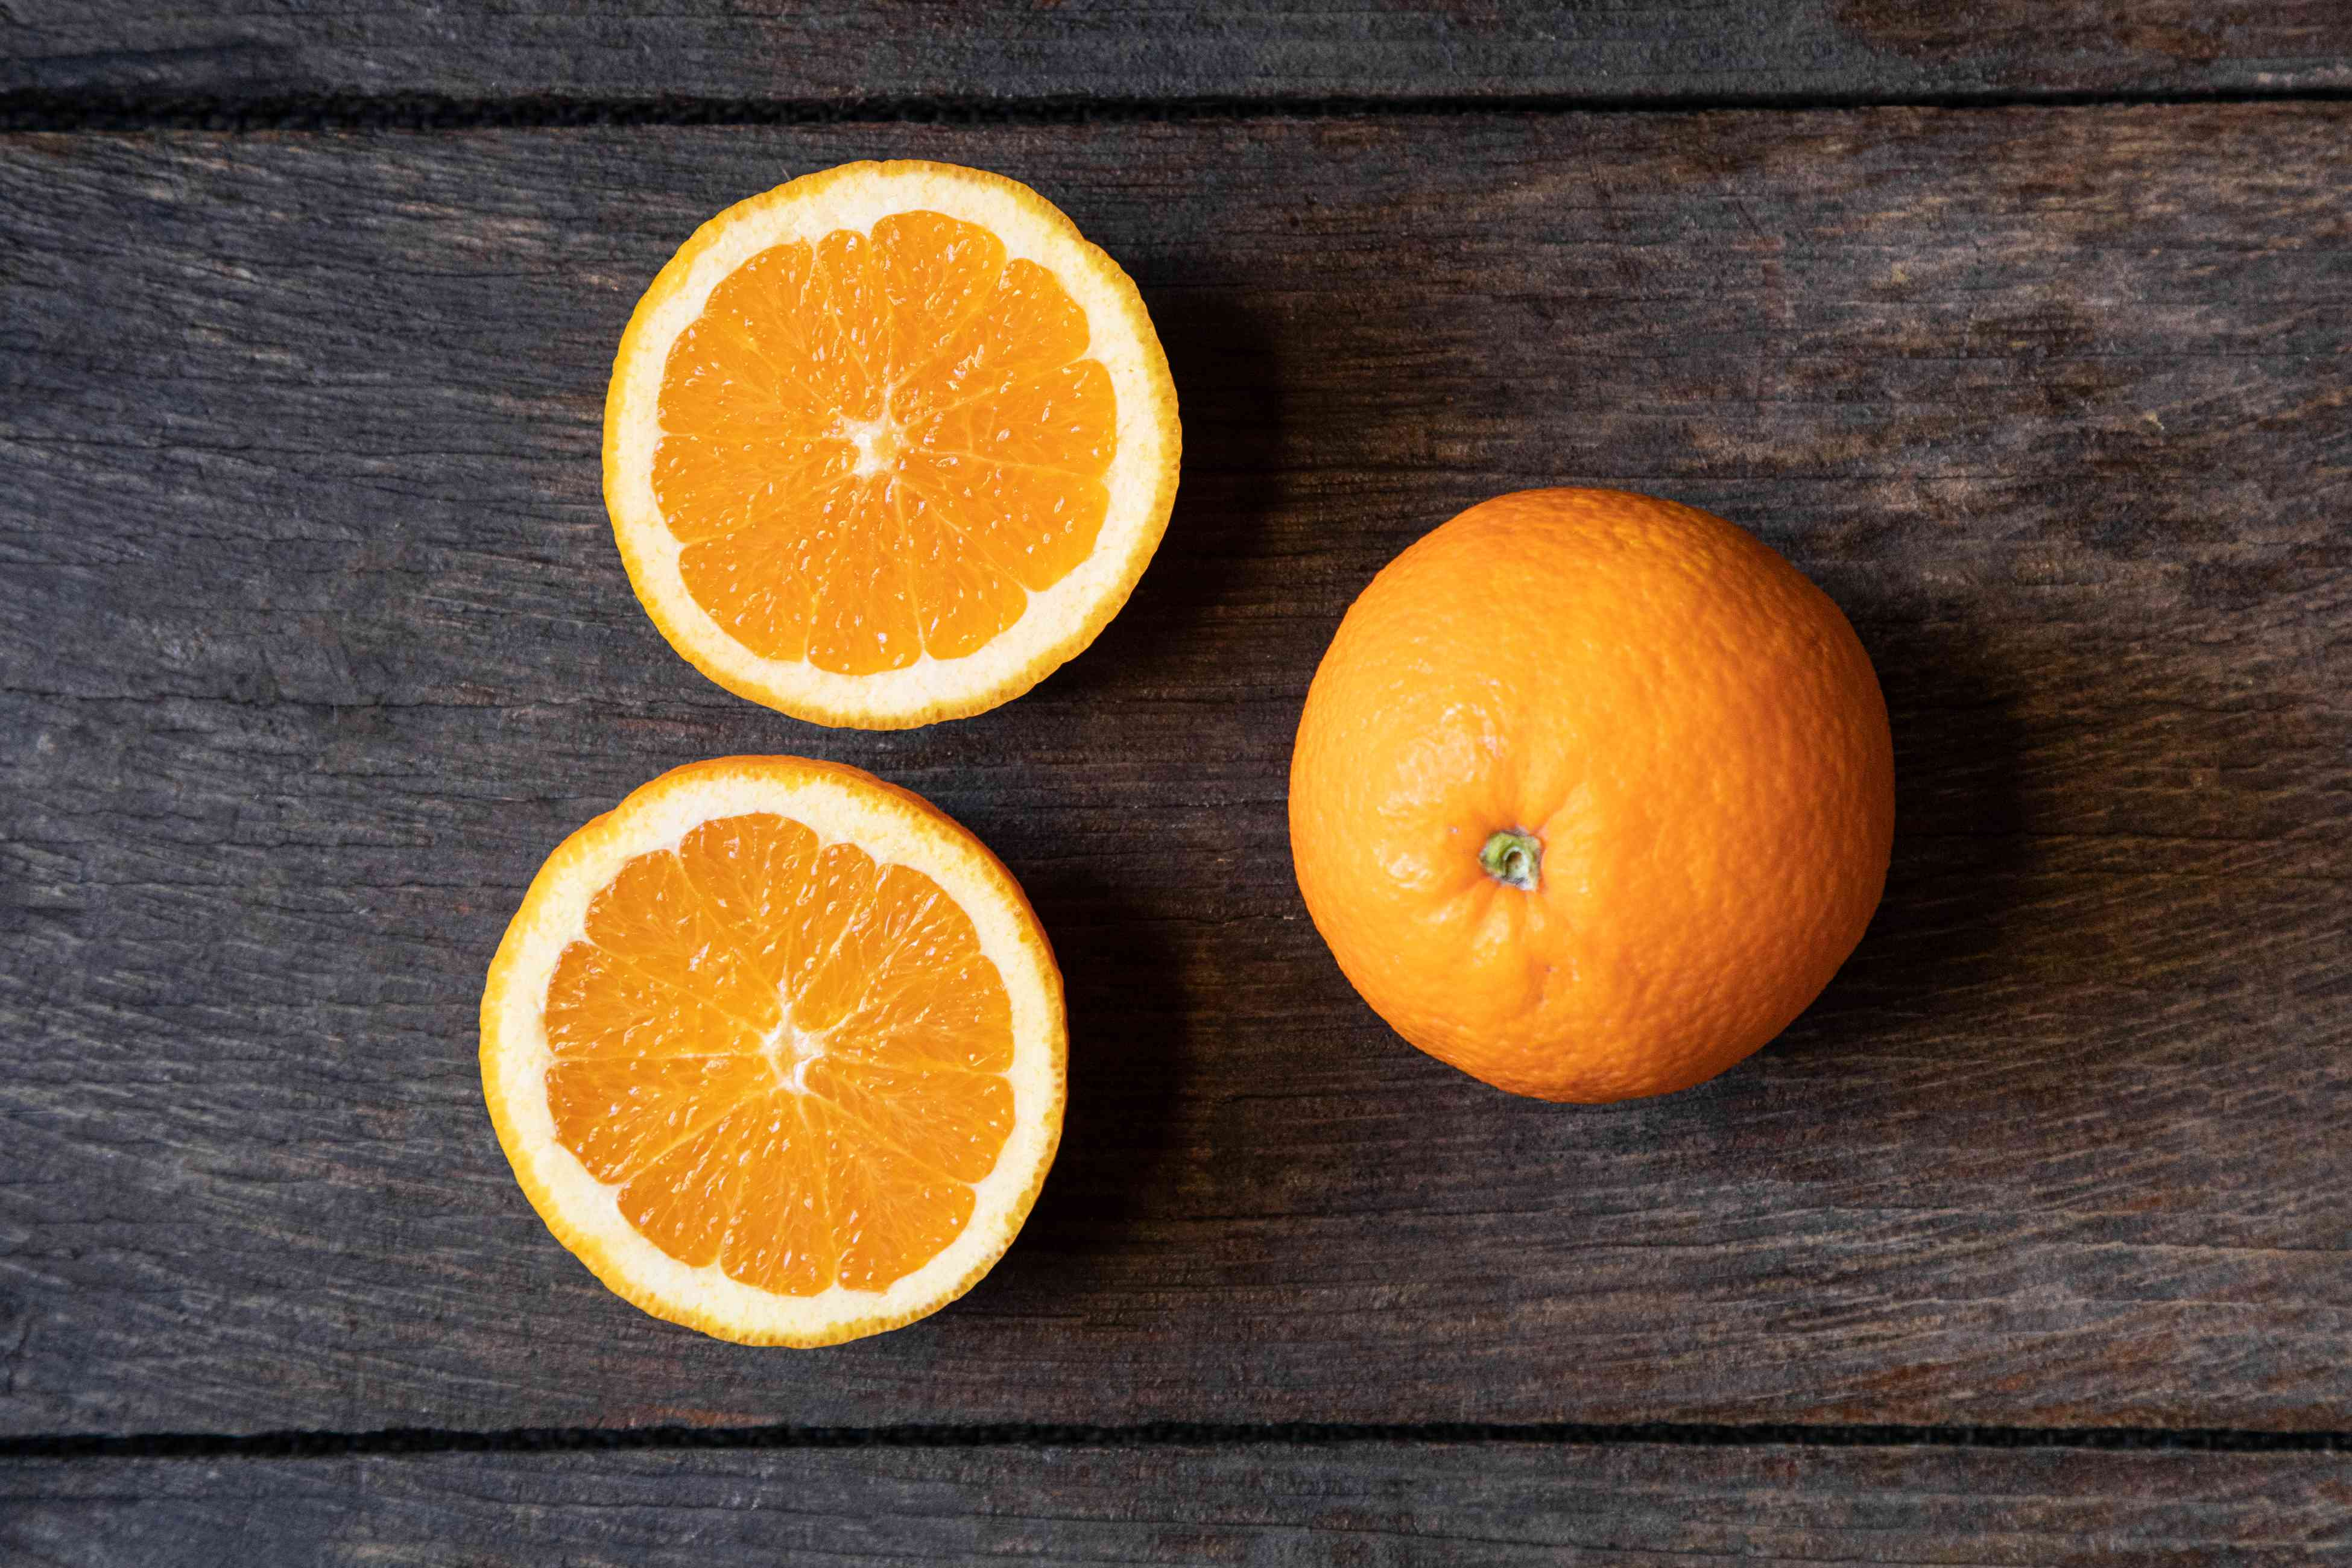 Valencia oranges on dark background